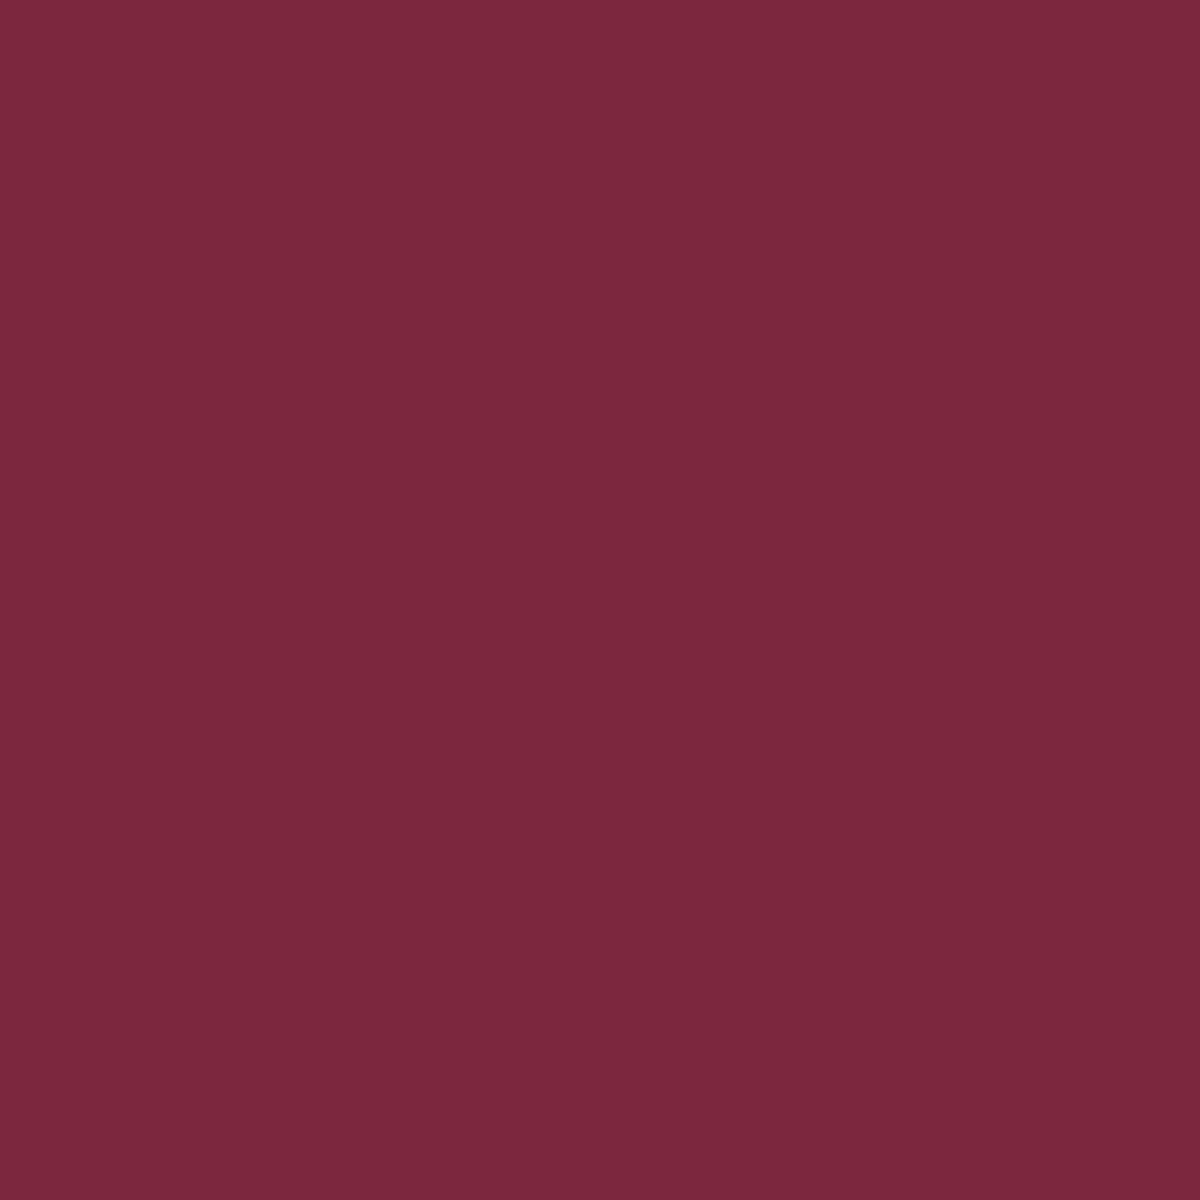 Riley Blake, Confetti Burgundy